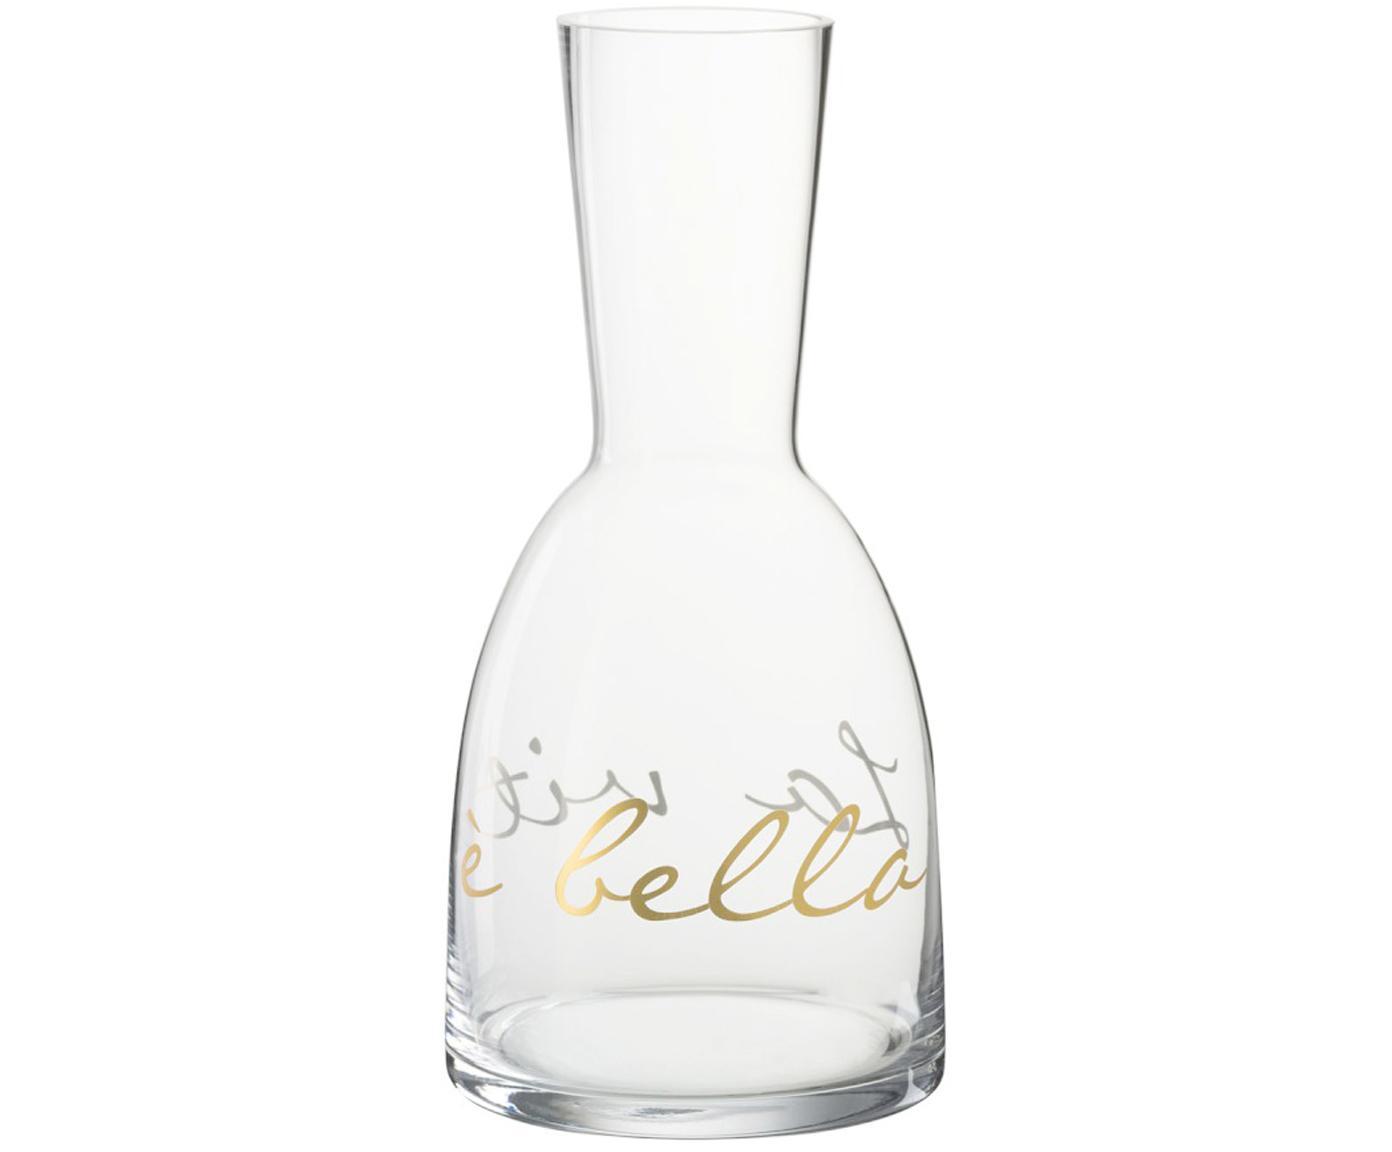 Karafka La Vita, Szkło, Transparentny, odcienie złotego, Ø 12 x W 26 cm